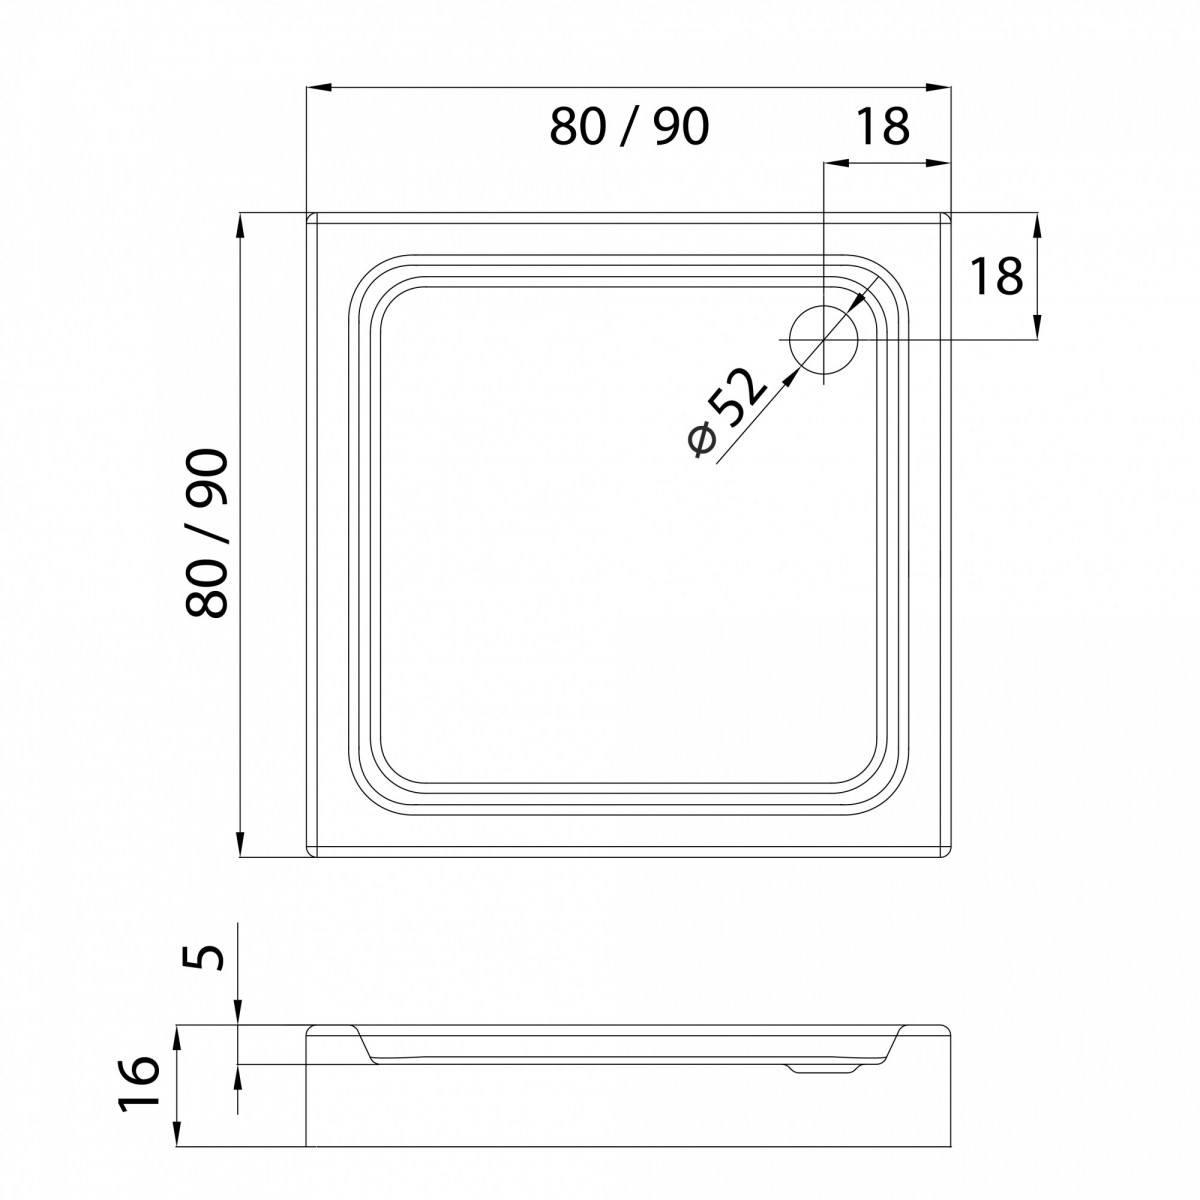 Душевой поддон New Trendy квадратный 80x80 см глубина 5 см, на ножках (BL-0031)